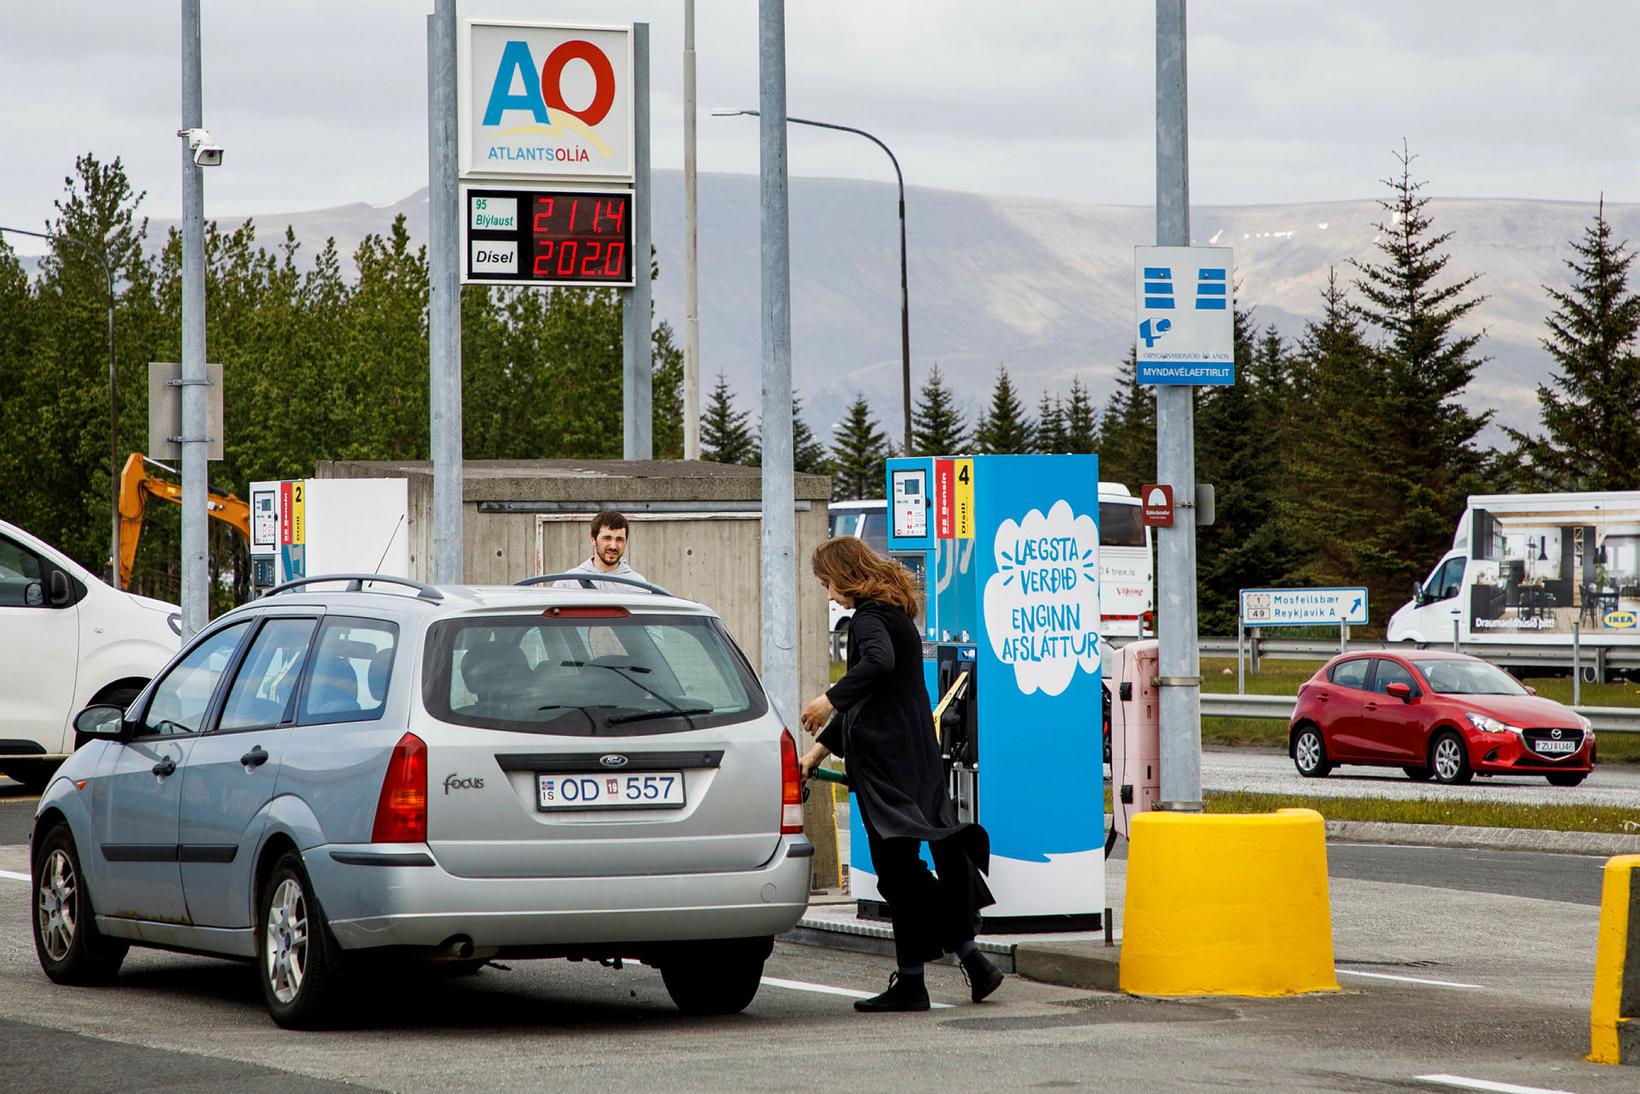 Atlantsolía var stofnuð árið 2002 og opnaði sína fyrstu bensínstöð …